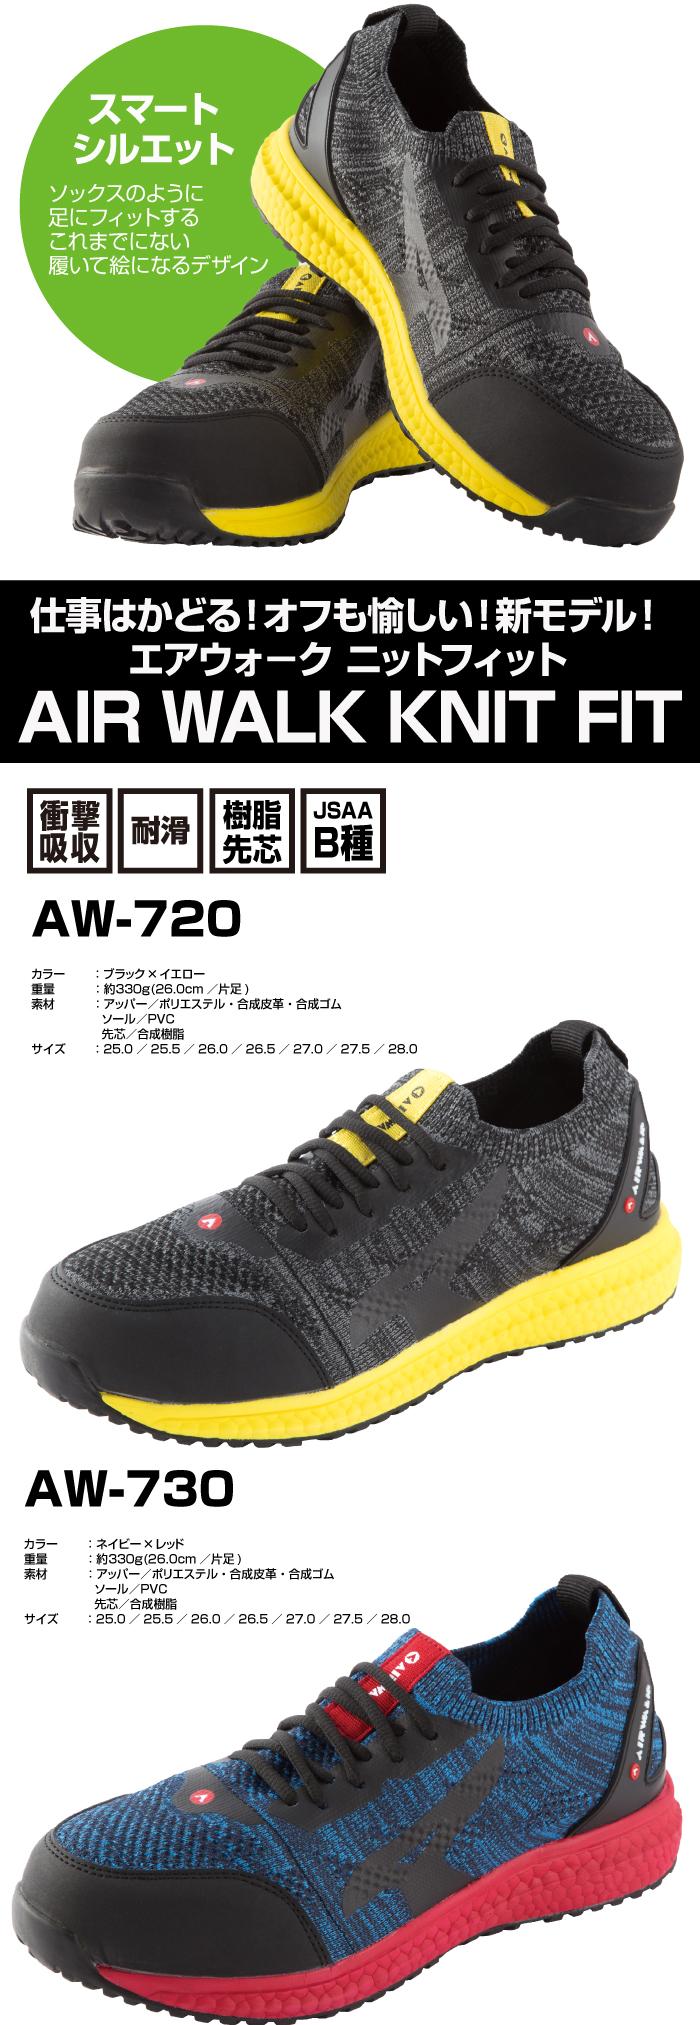 AW-720_AW-730